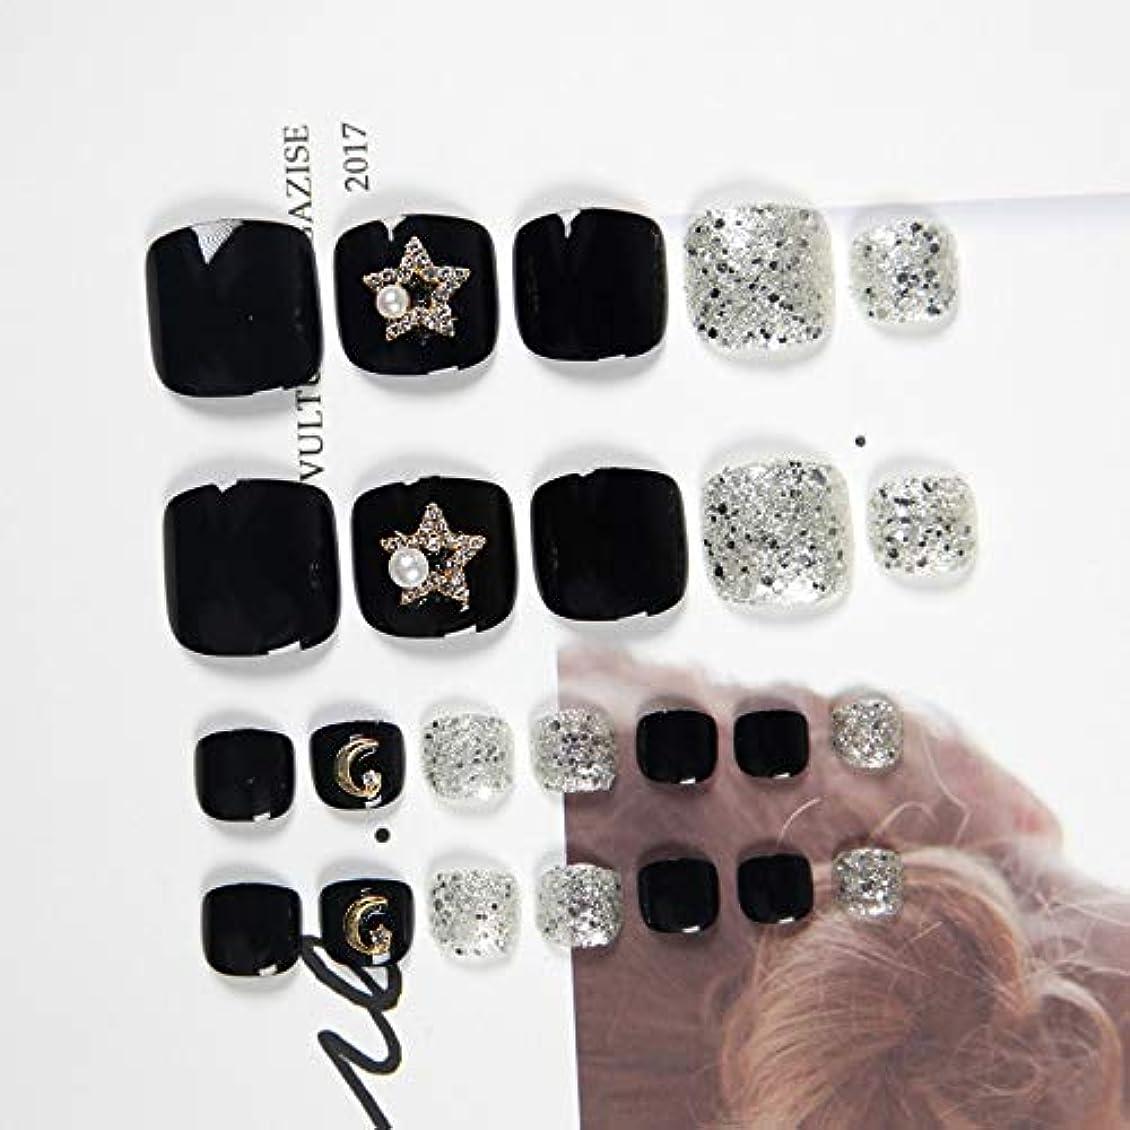 帰る消費者リズミカルなXUANHU HOME 24ピースダイヤモンド偽爪キットスティレットブライダルシルバーキラキラクリスタルフルカバーと接着剤偽爪